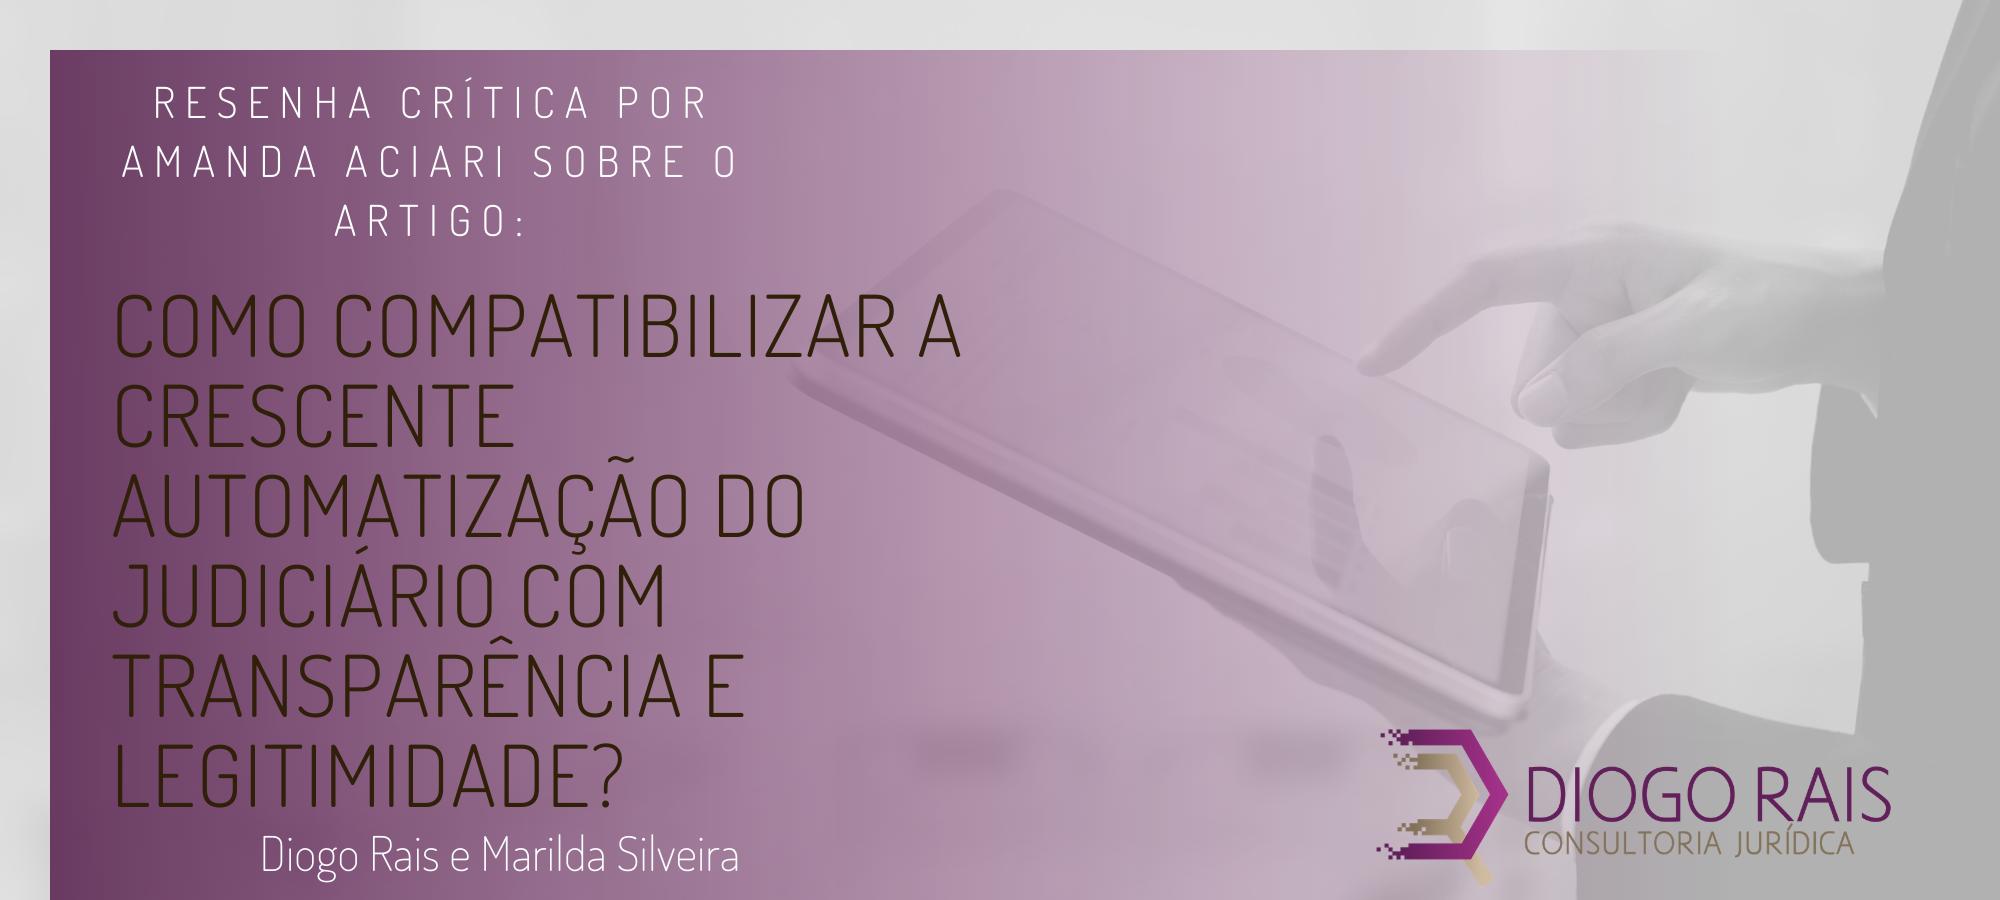 """Capa de Resenha Crítica: """"Como compatibilizar a crescente automatização do judiciário com transparência e legitimidade?"""""""